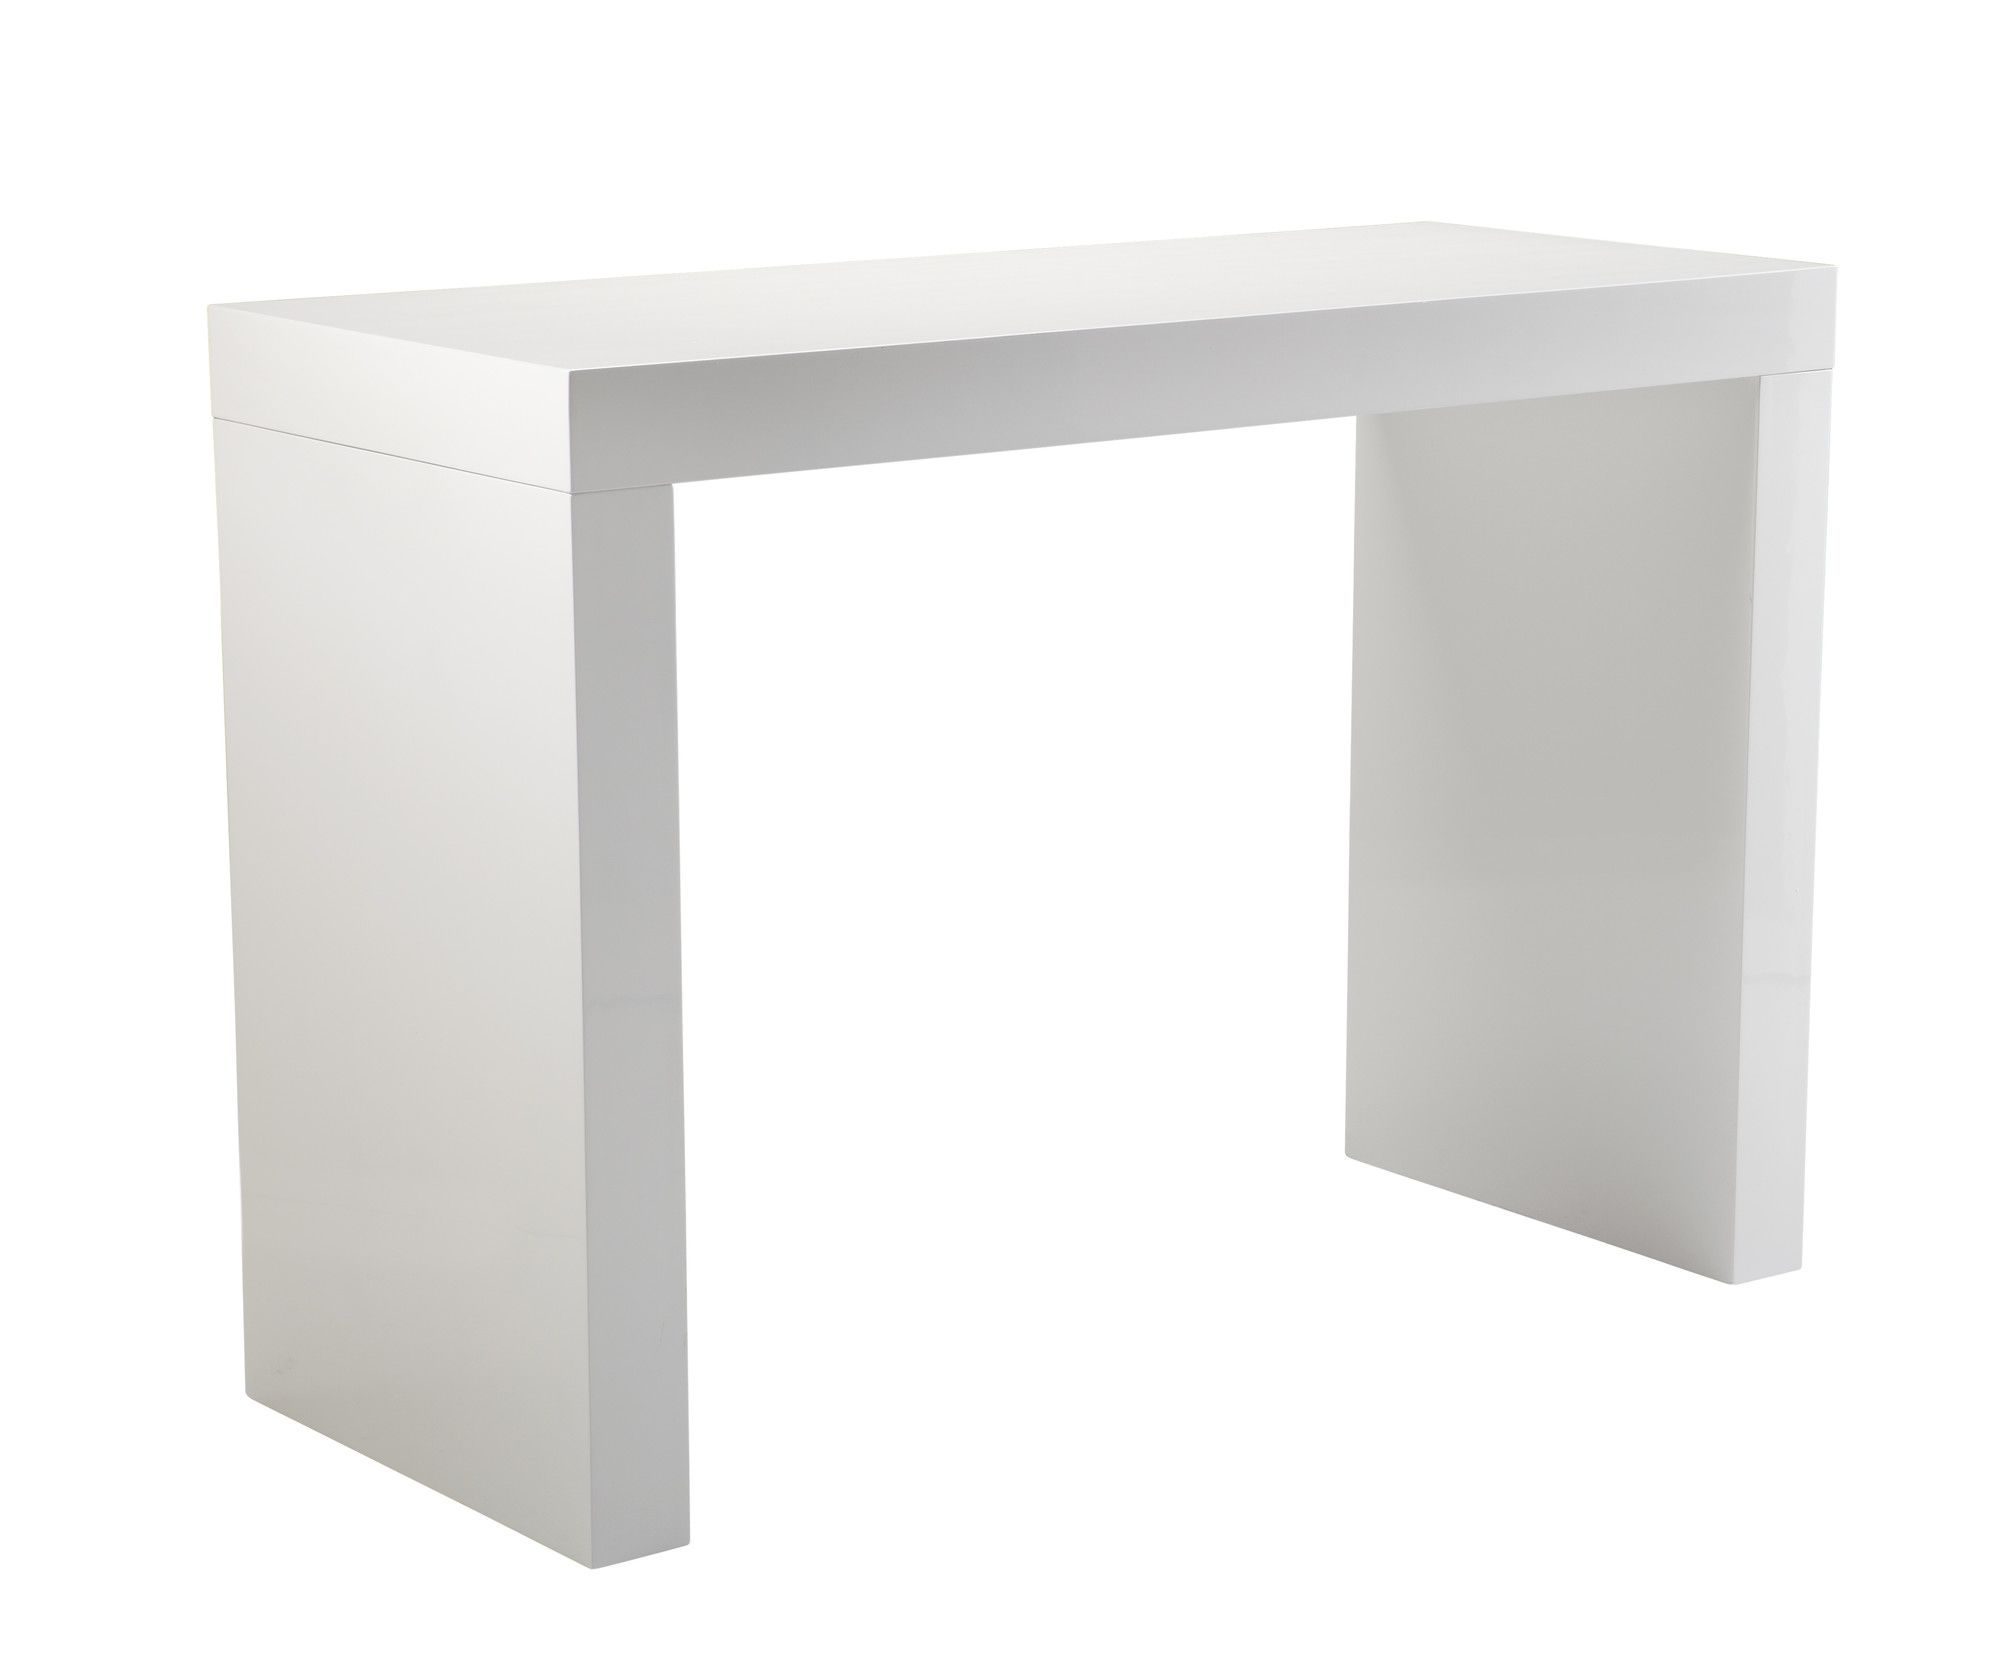 Sunpan modern faro high gloss c shape bar table for Table bar moderne